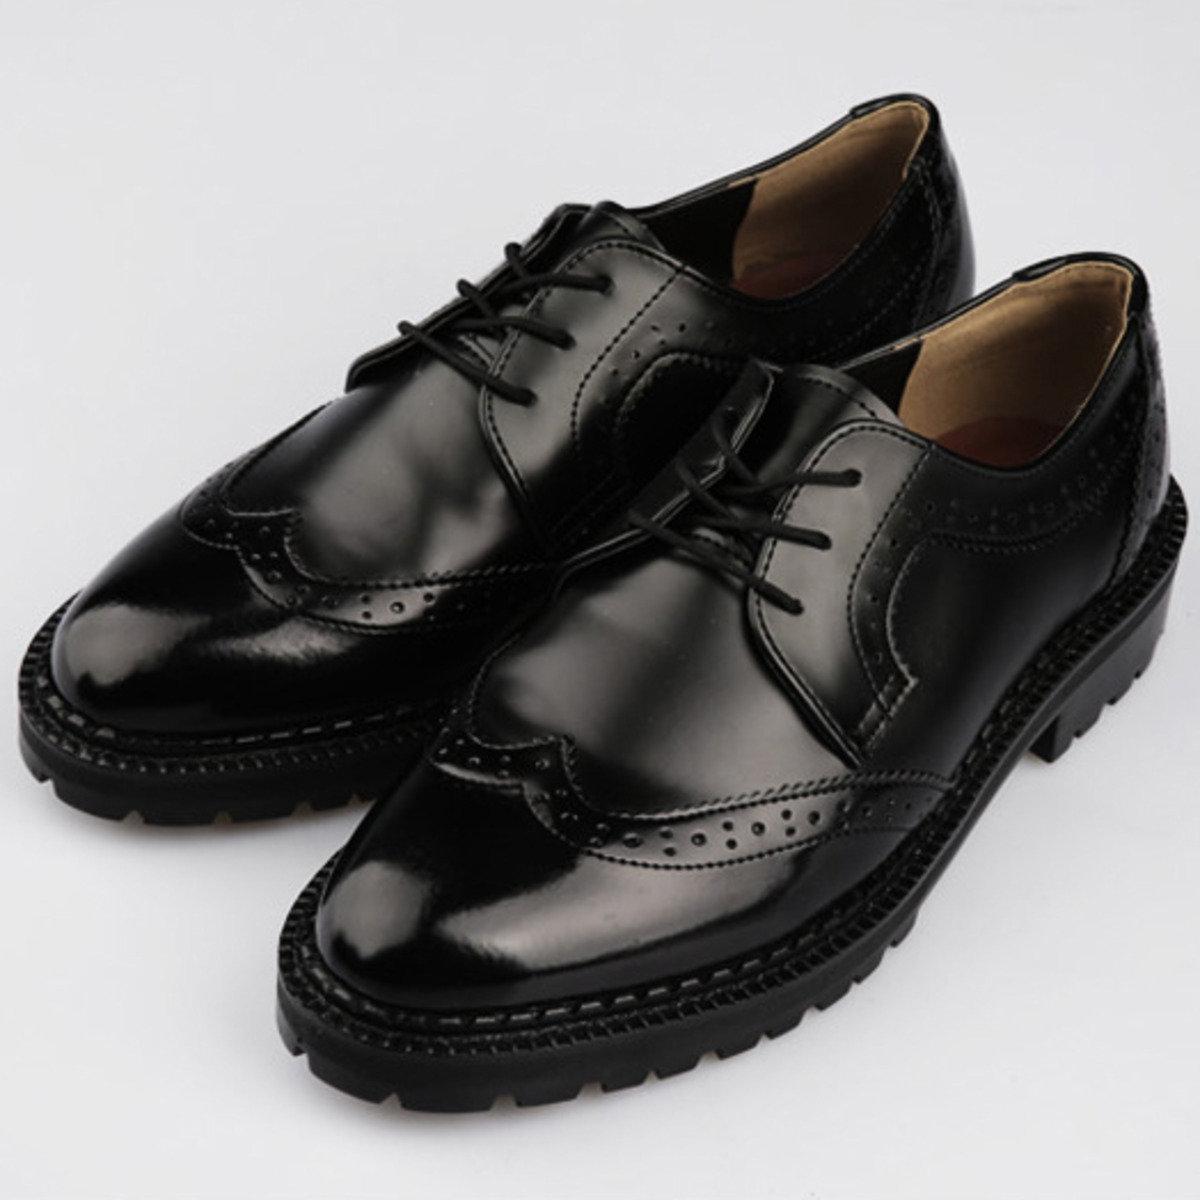 翼尖馬丁皮鞋_SH4_160216666